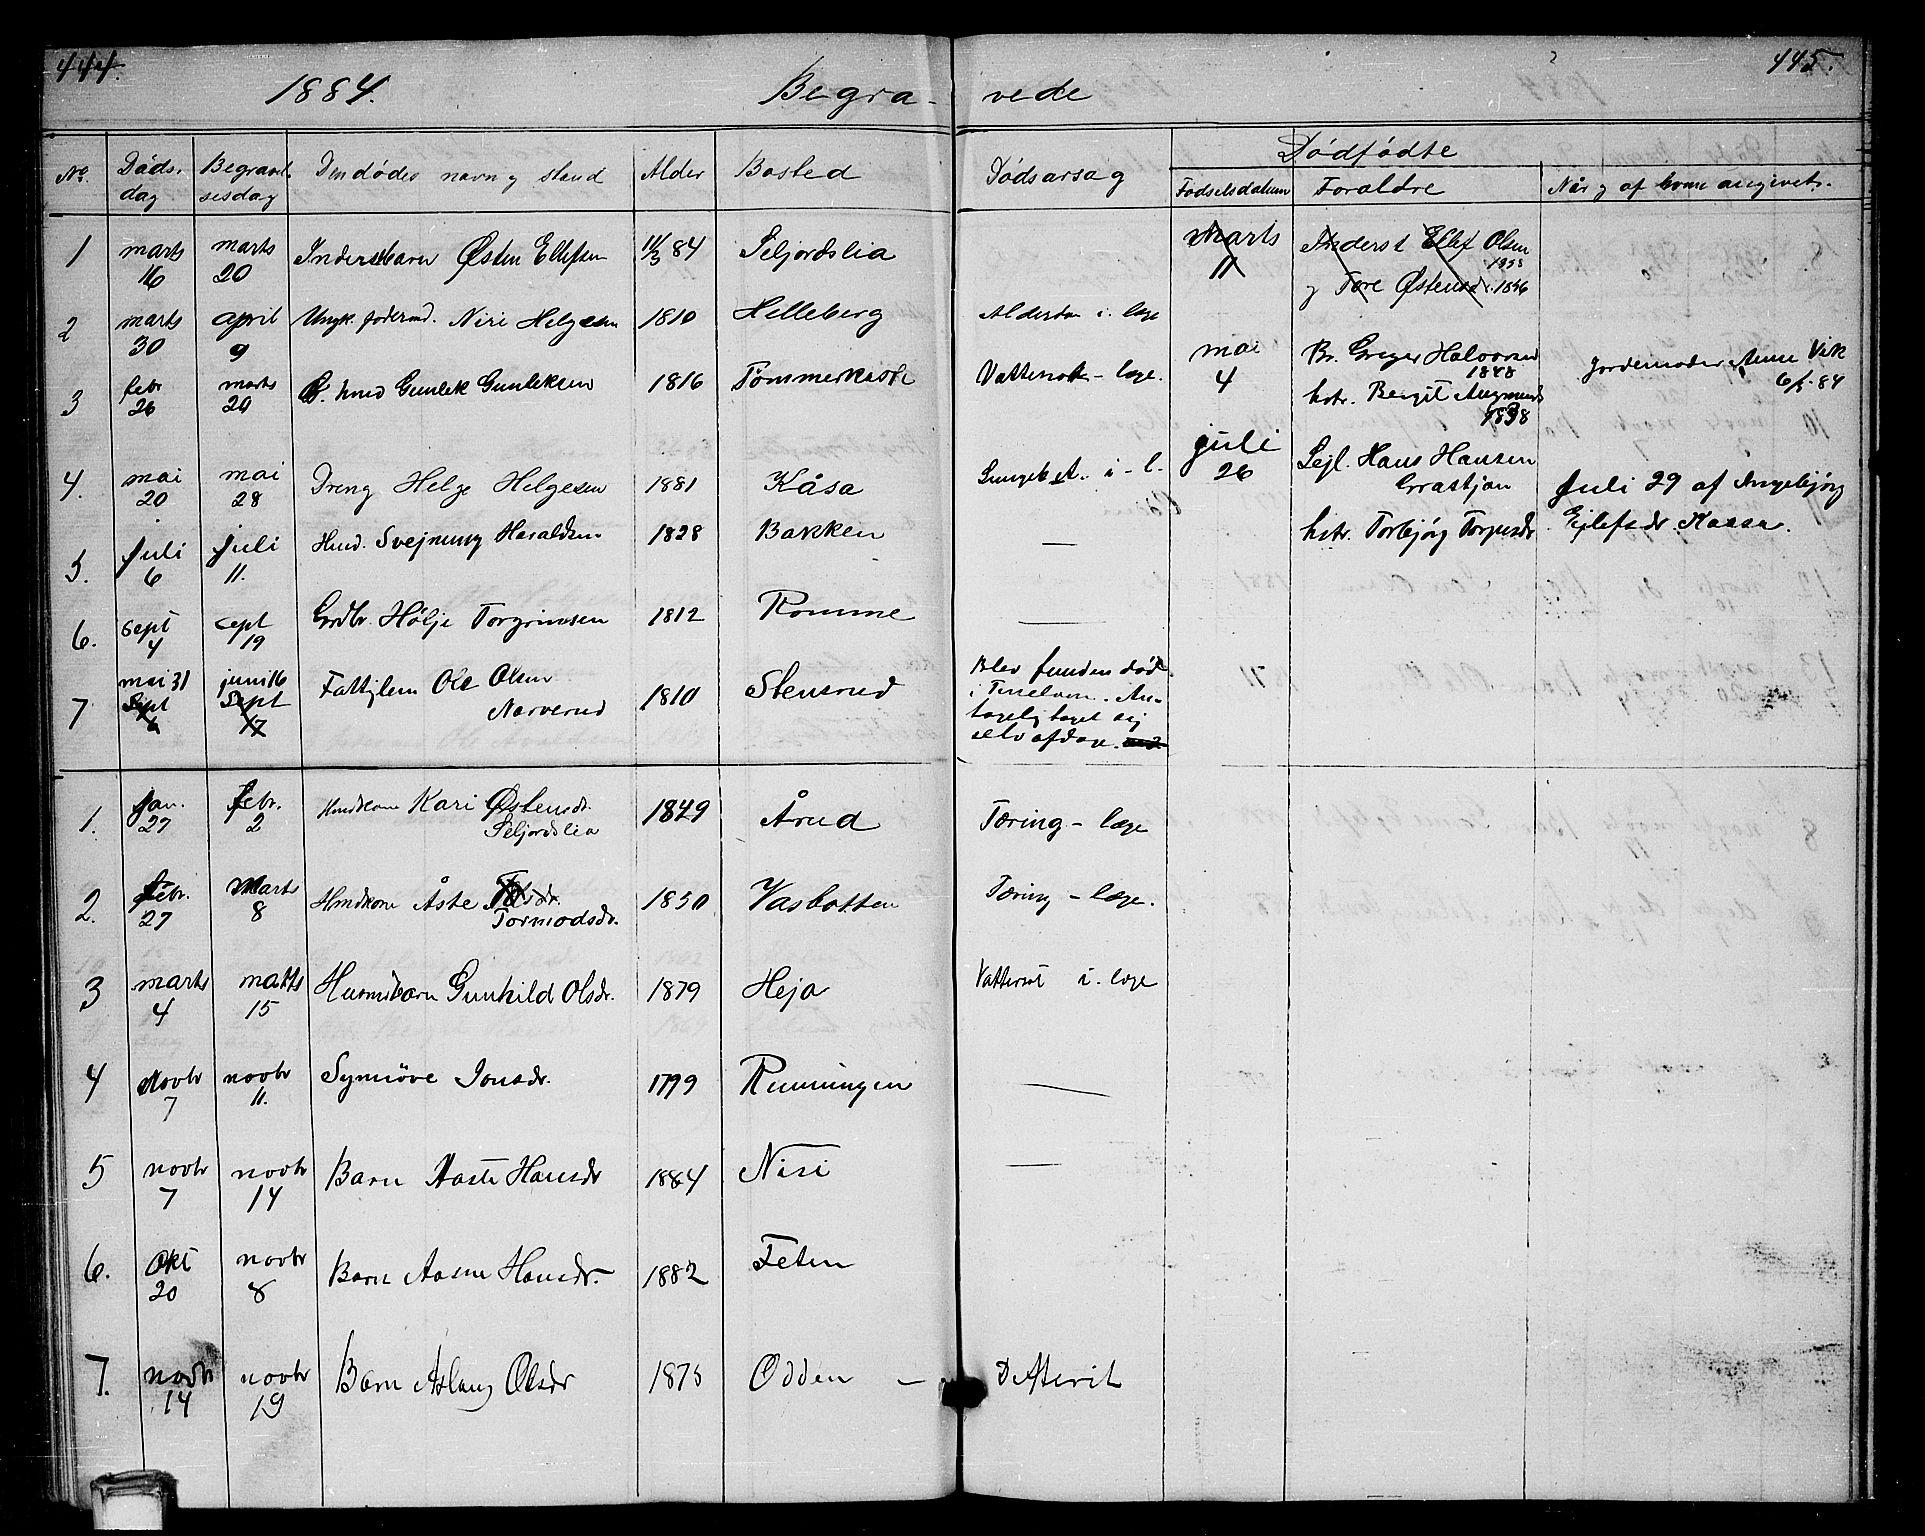 SAKO, Gransherad kirkebøker, G/Ga/L0002: Klokkerbok nr. I 2, 1854-1886, s. 444-445